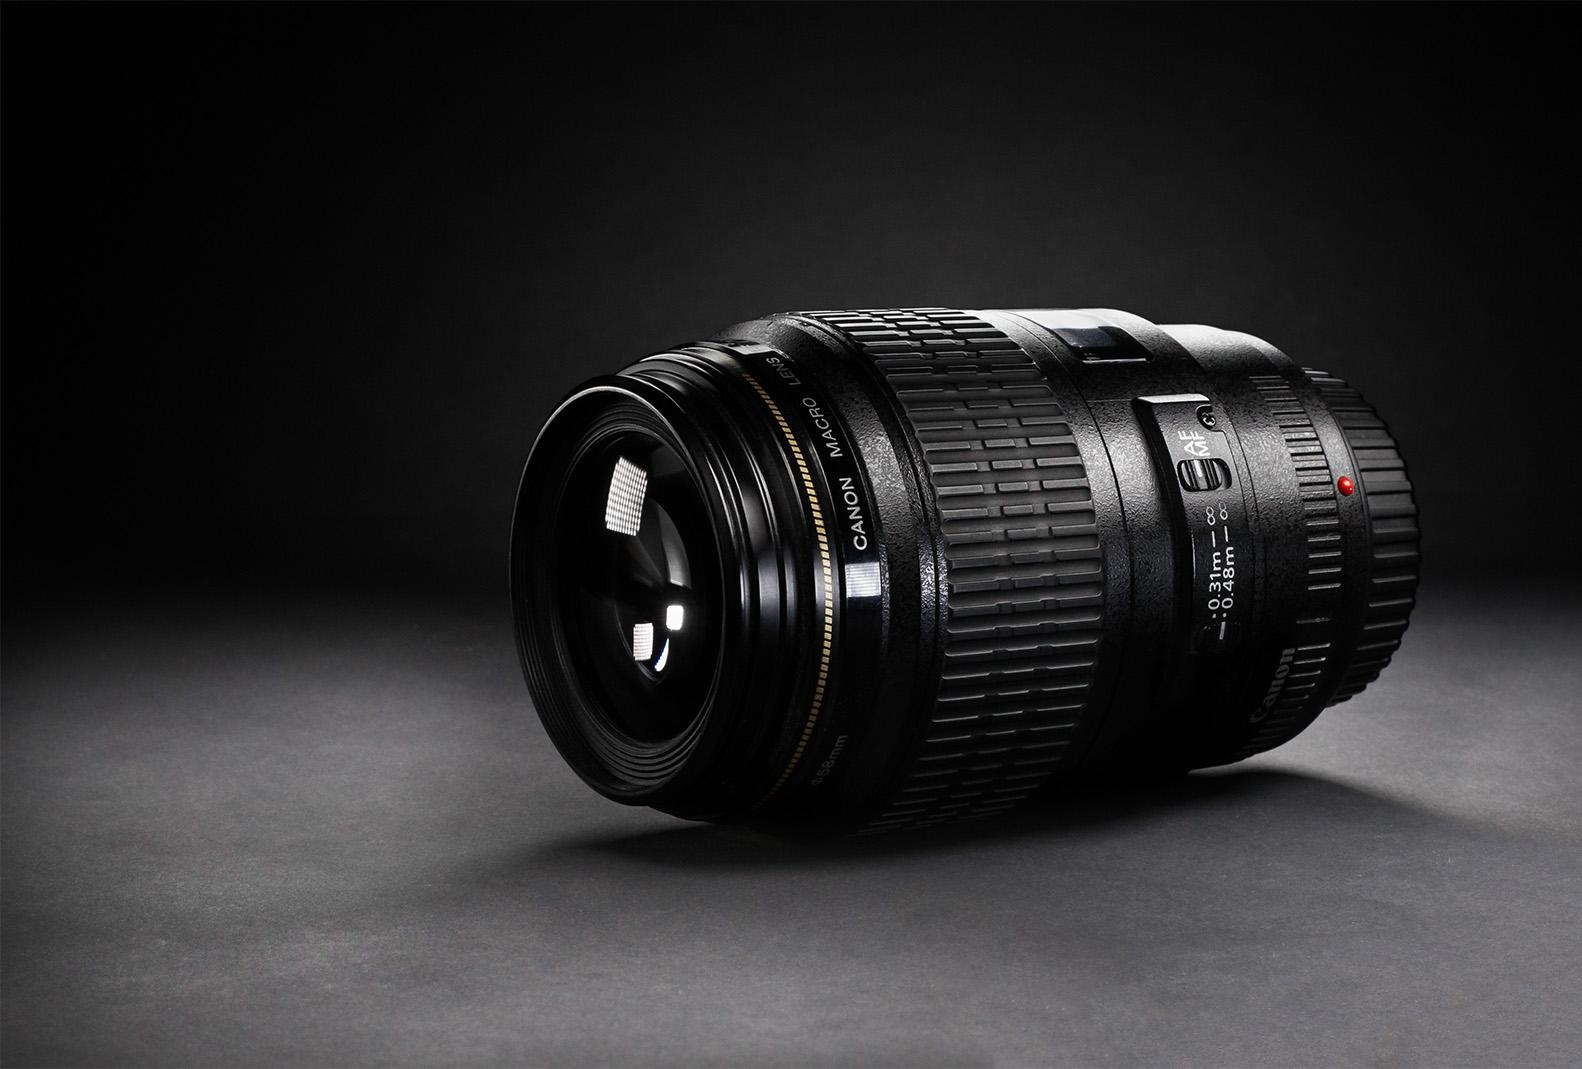 Canon EF 100mm F/2.8 Macro USM - A makró jelzés ne tévesszen meg senkit. Kiváló darab portrézásra is. Ugyan kevésbé fényerős, mint a fentebb említett 85mm-es objektív,cserébe még élesebb. Torzítása már-már észrevehetetlen. Fókusza lassabb kicsivel. Aki esetleg makrózni szeret, de portrézna is annak nagyon jó alternatíva pénztárcát tekintve.Hazai bolti ára:~ 157.000 HufHasznált/import: ~ 90.000 Huf